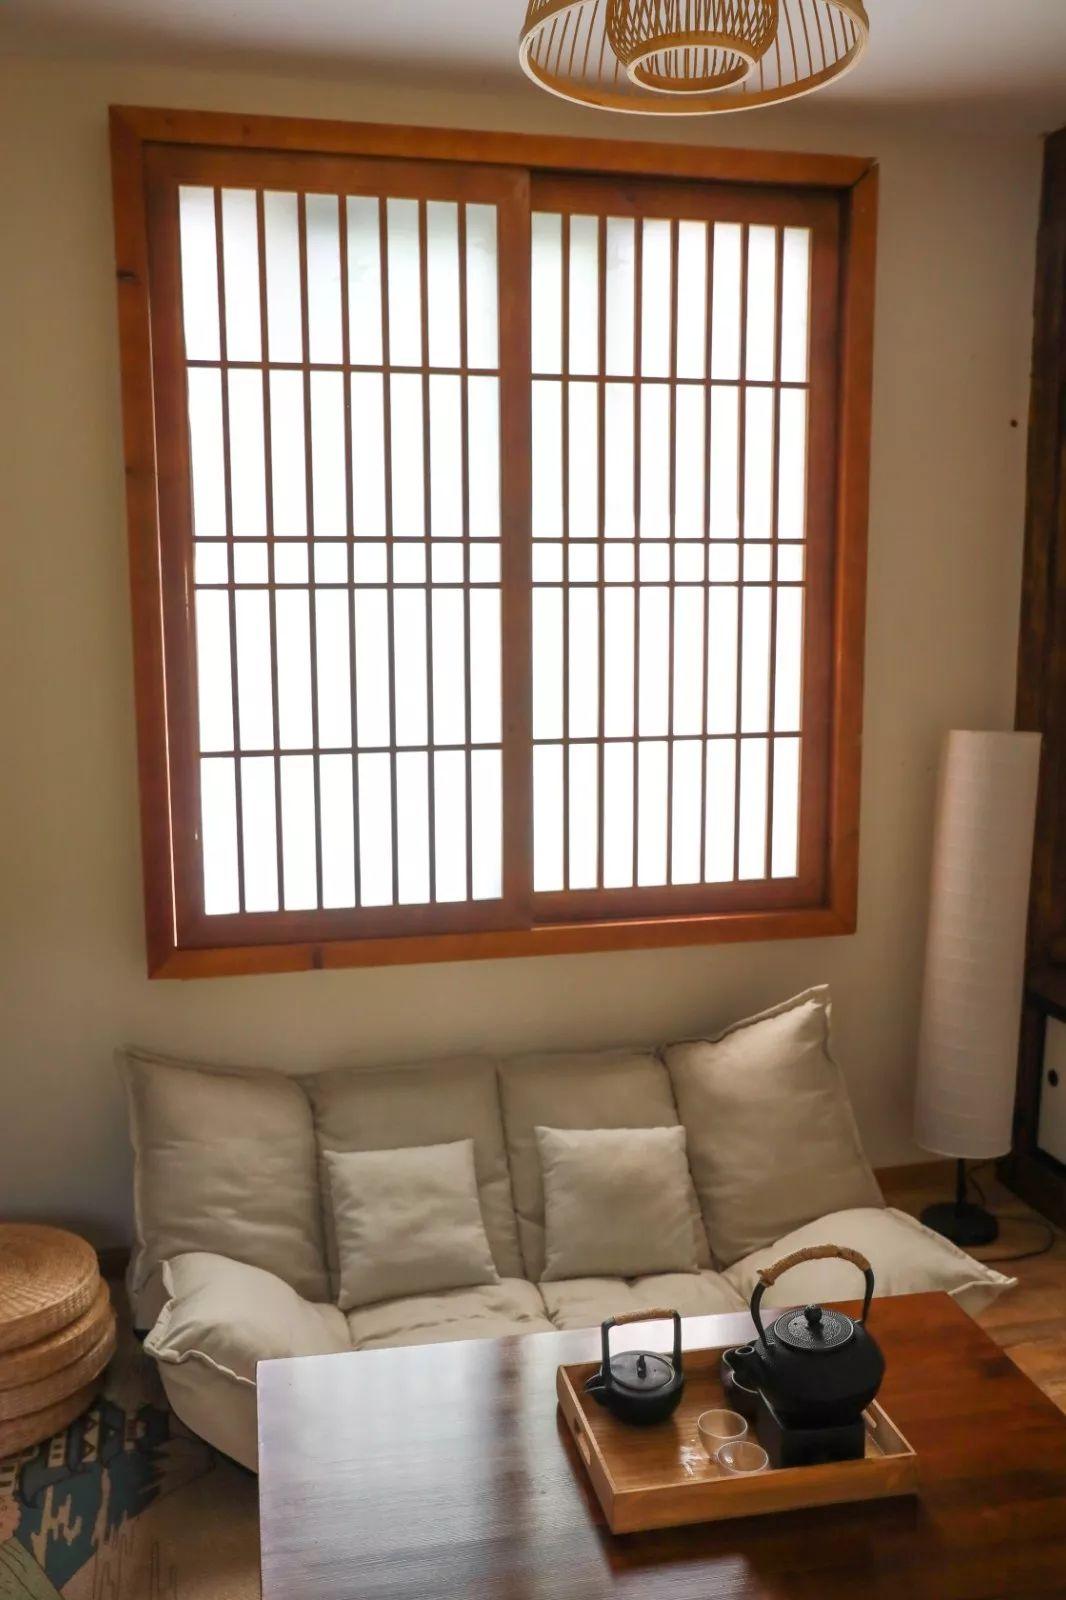 三圣乡新开的日式庭院!一进门就惊艳!